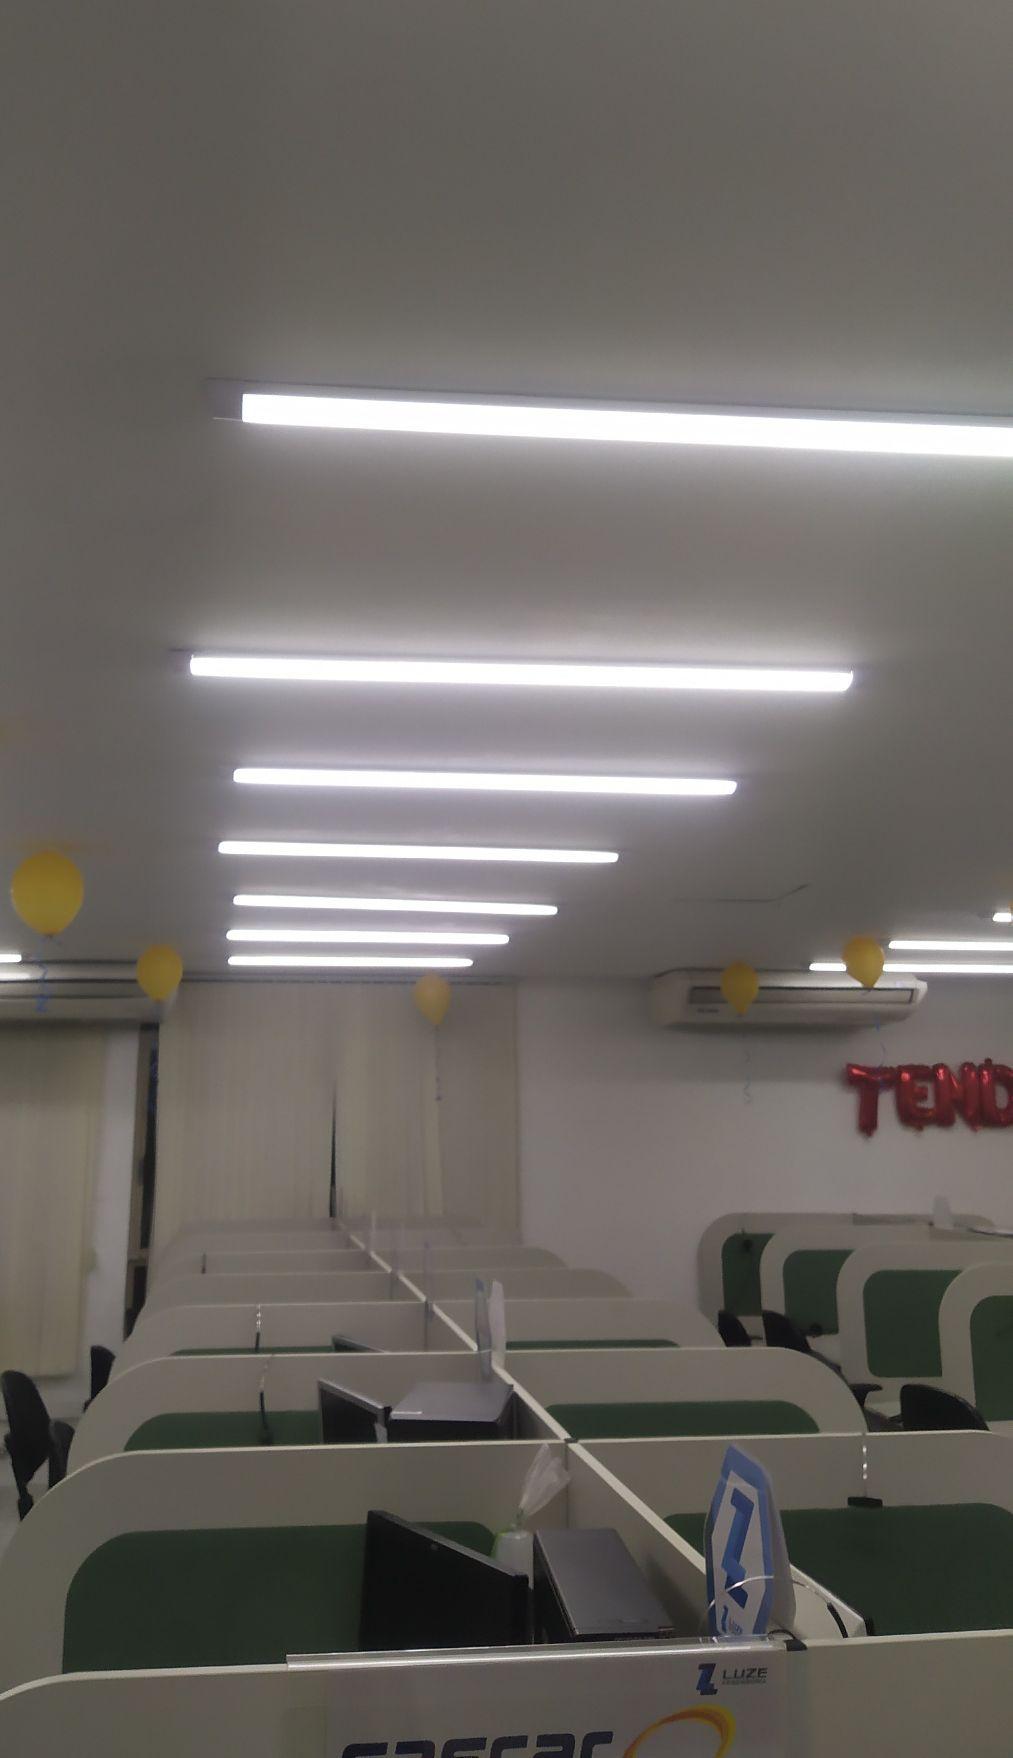 instalação e troca de lâmpada/luminária